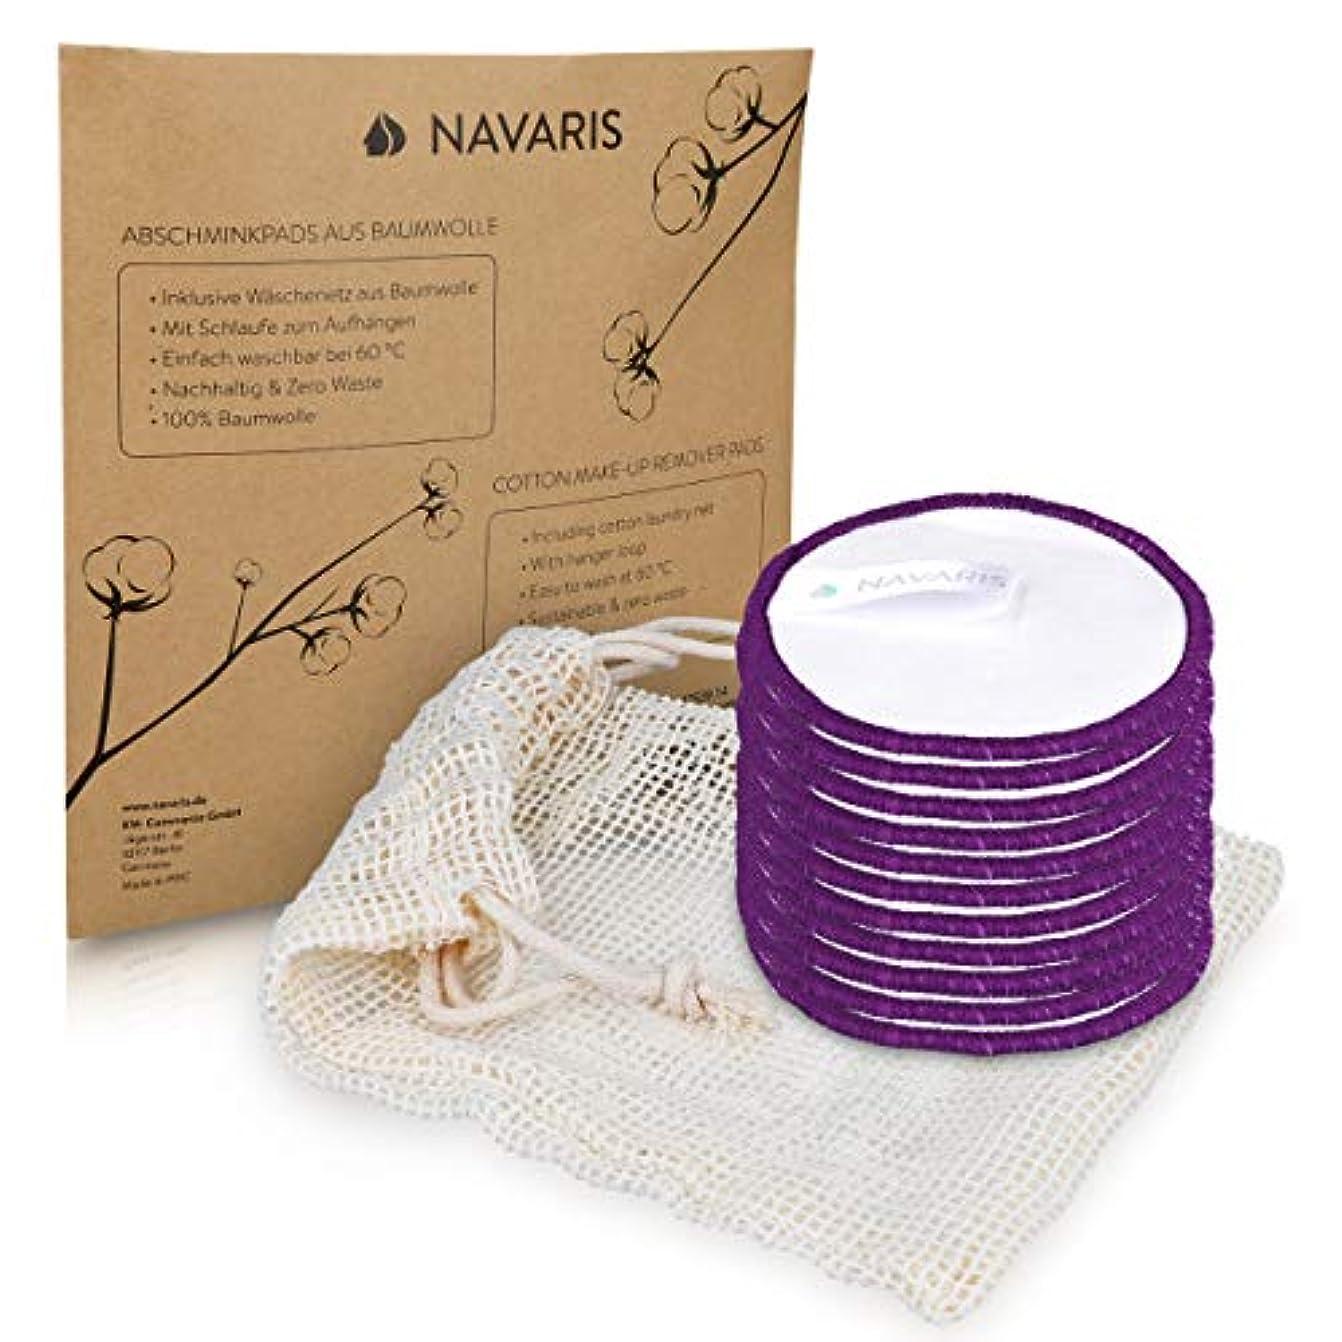 羊断言する沈黙Navaris メイク落とし パッド 14枚セット 再利用可 - コットン パッド 化粧落とし 拭き取り化粧水 肌に優しい - フェイシャルシート 洗濯ネット付き